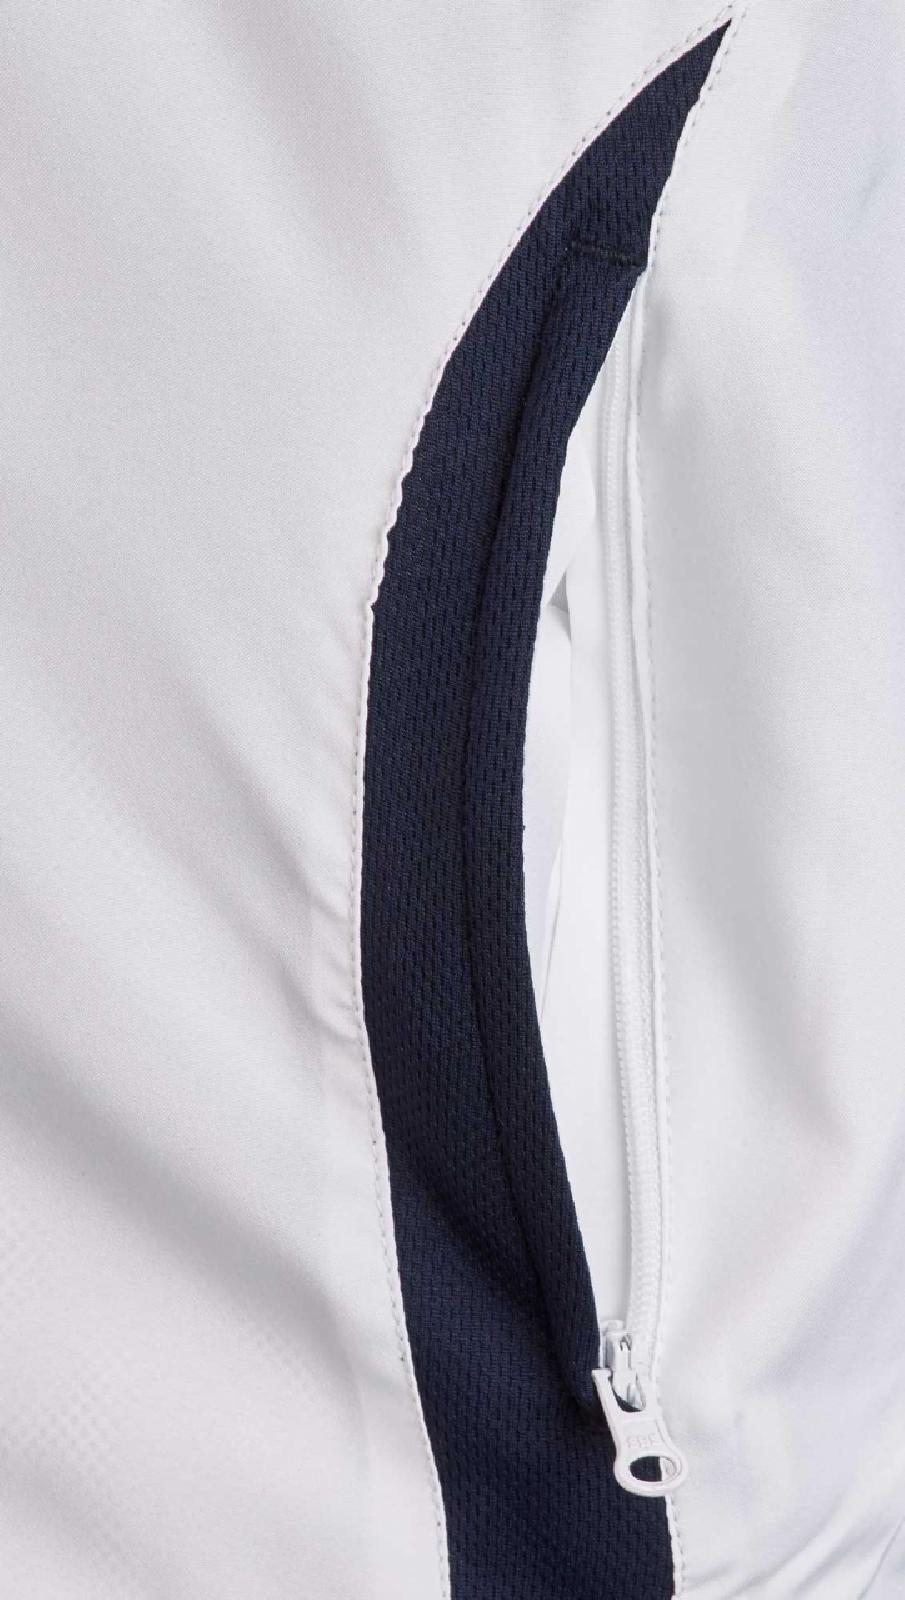 Teamwear Element C2 Jacke schwarzrot   Jacken   Team Wear